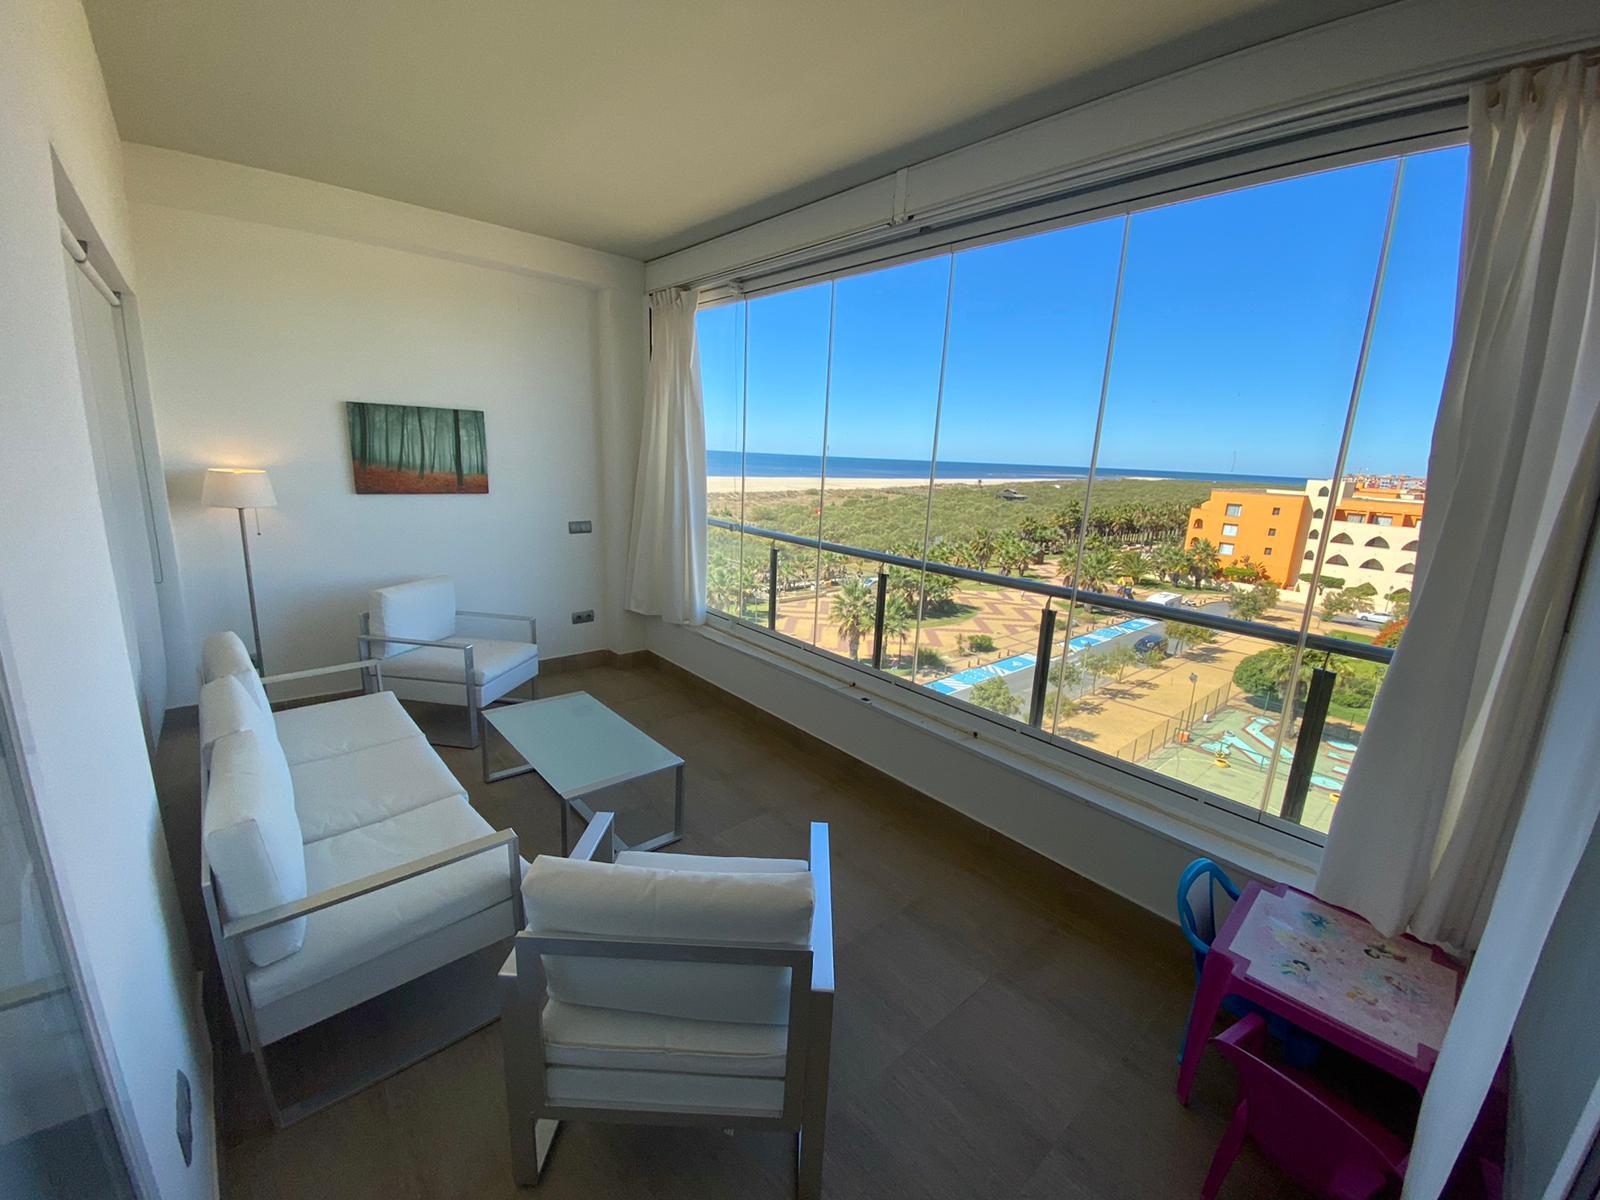 Imagen 1 del Apartamento Turístico, Ático 1 Poniente (3d+2b), Punta del Moral (HUELVA), Paseo de la Cruz nº22